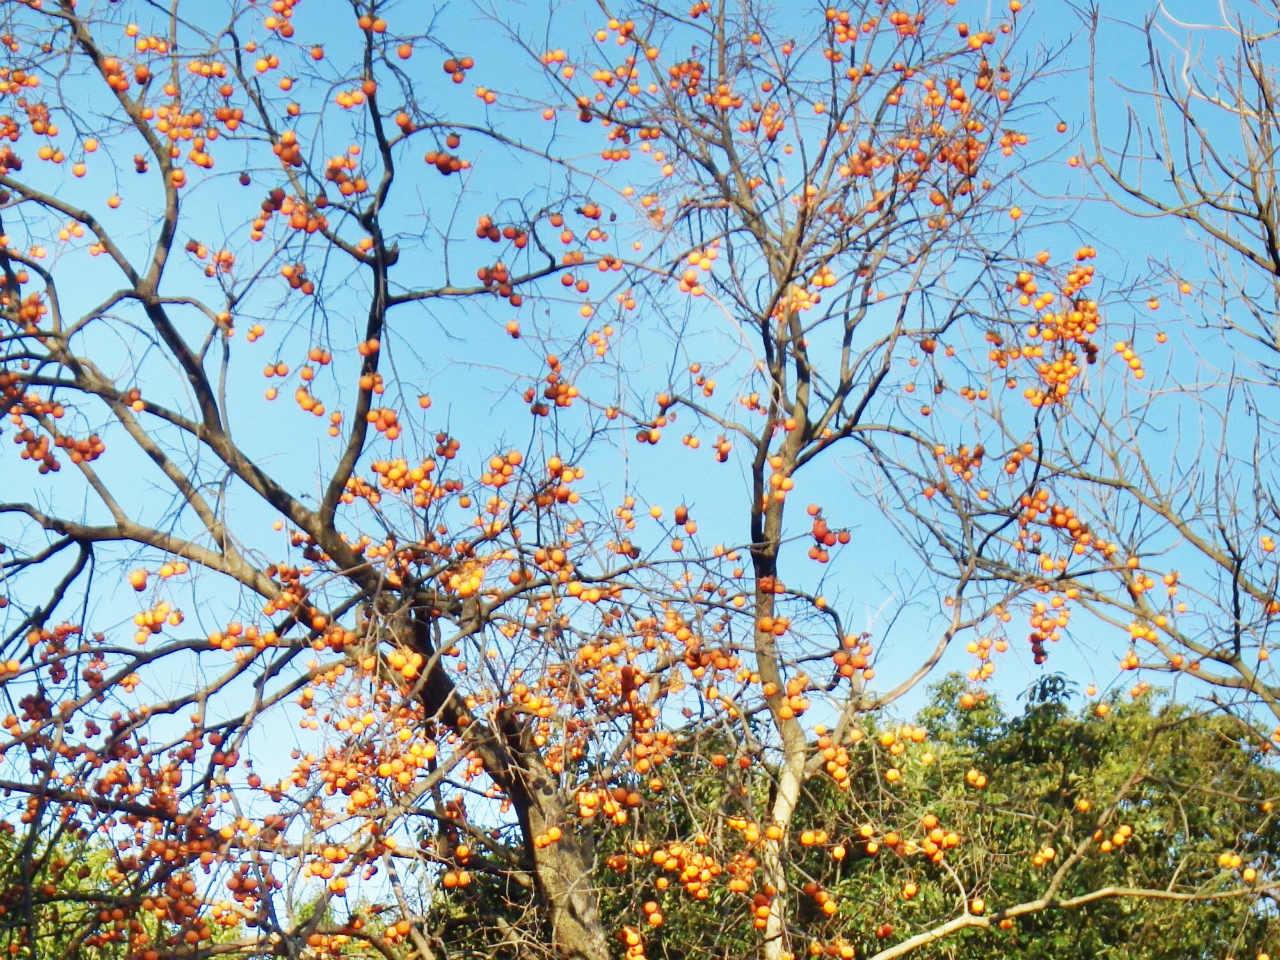 04a 神社の上の登山道の柿